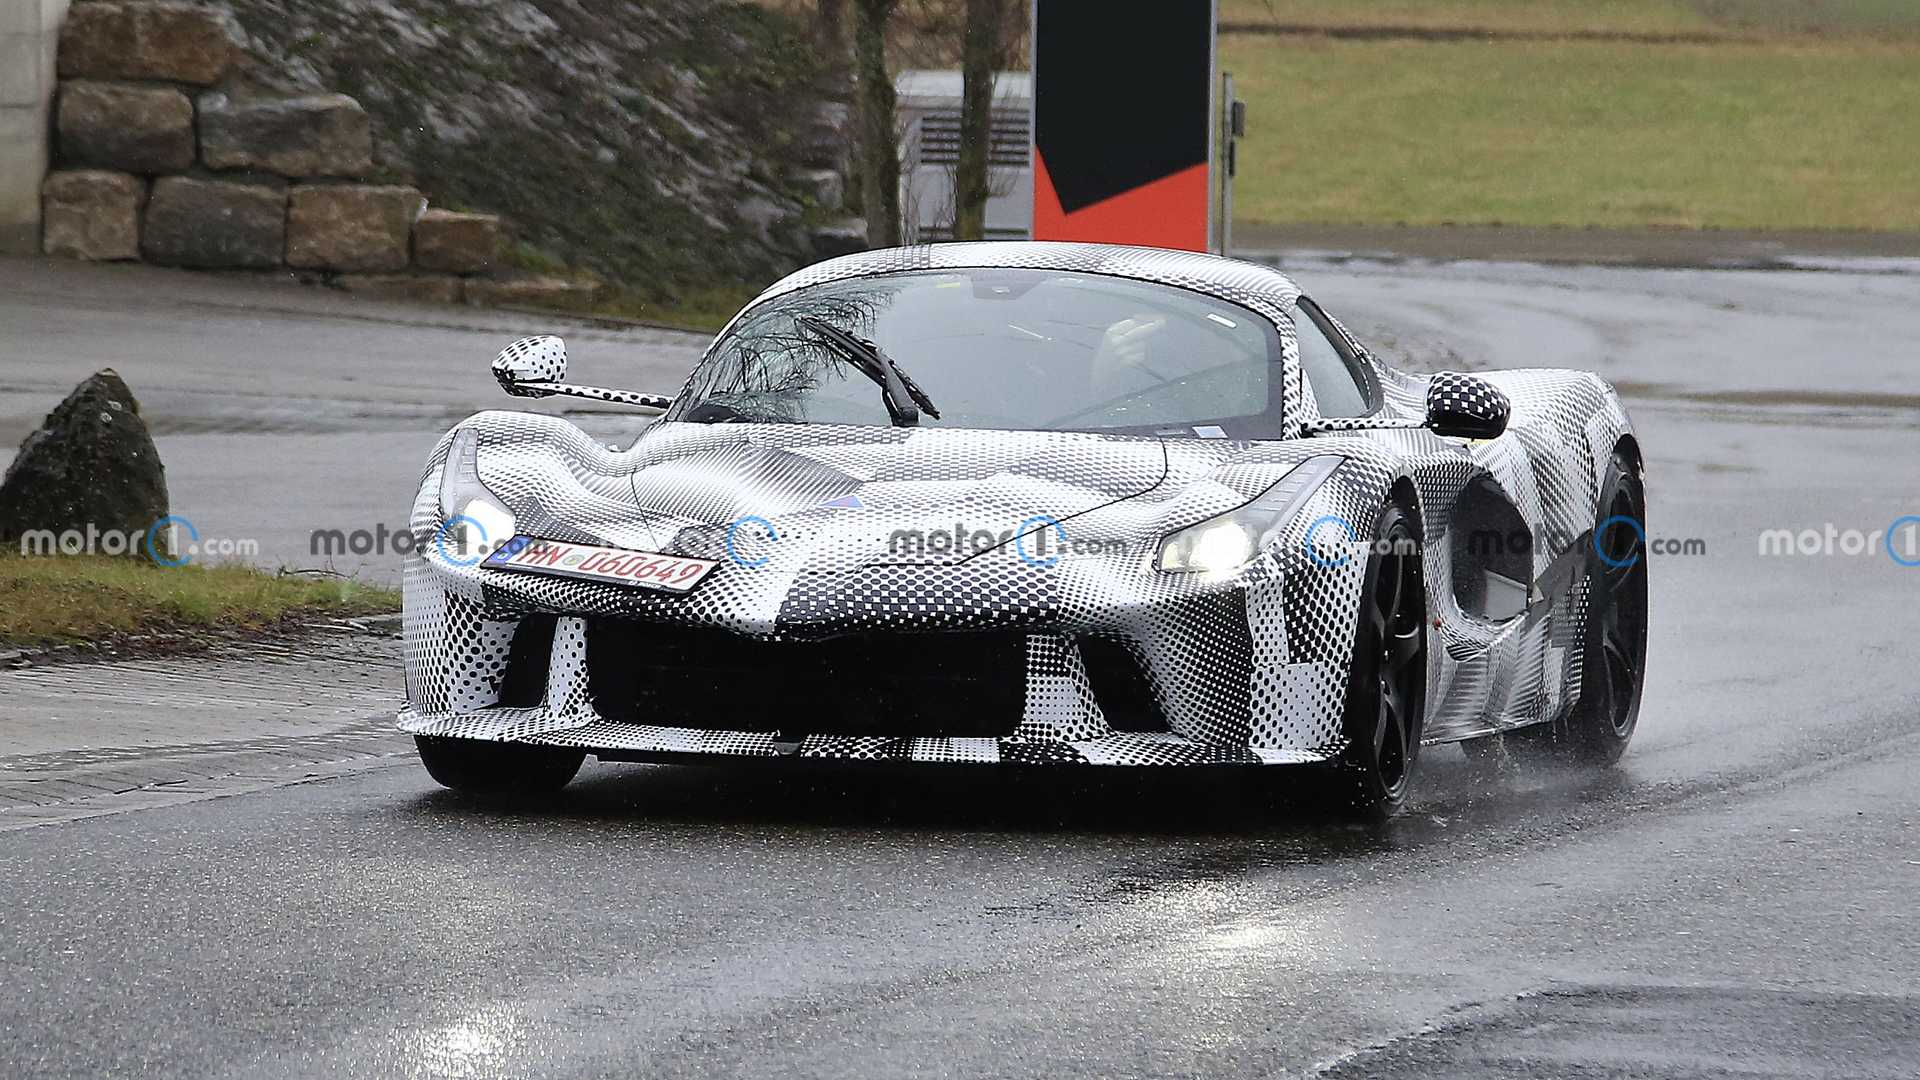 Foto espía de la mula de prueba del hipercar de Ferrari